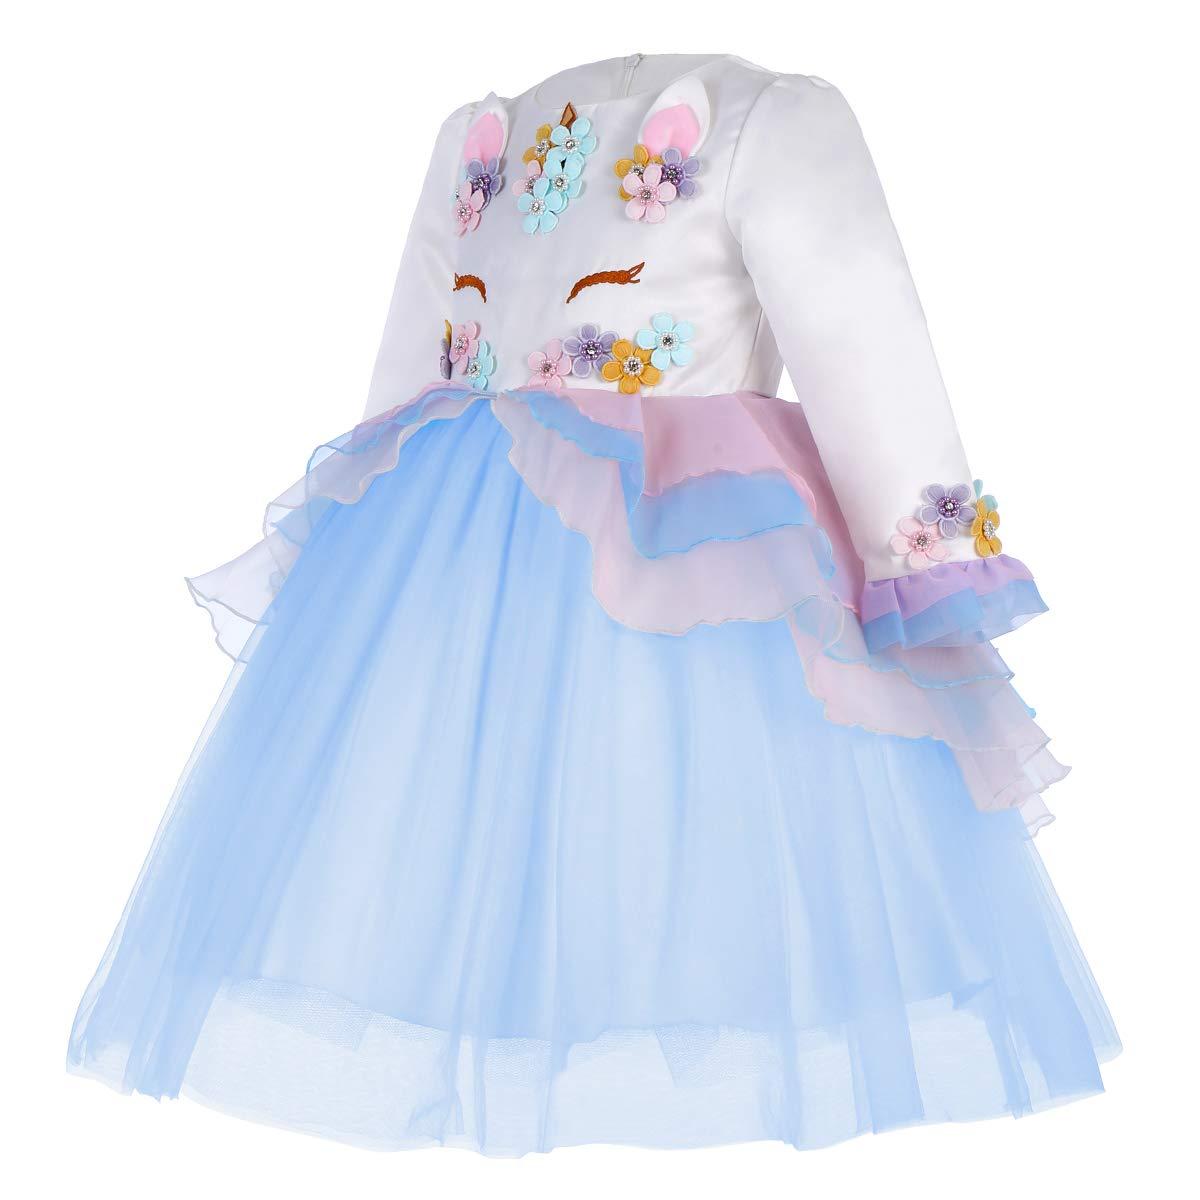 2af95c303 Disfraces IWEMEK Princesa Bebé Niña Vestido Unicornio Cumpleaños Disfraz de Cosplay  para Fiesta Carnaval Navidad Bautizo Comunión ...